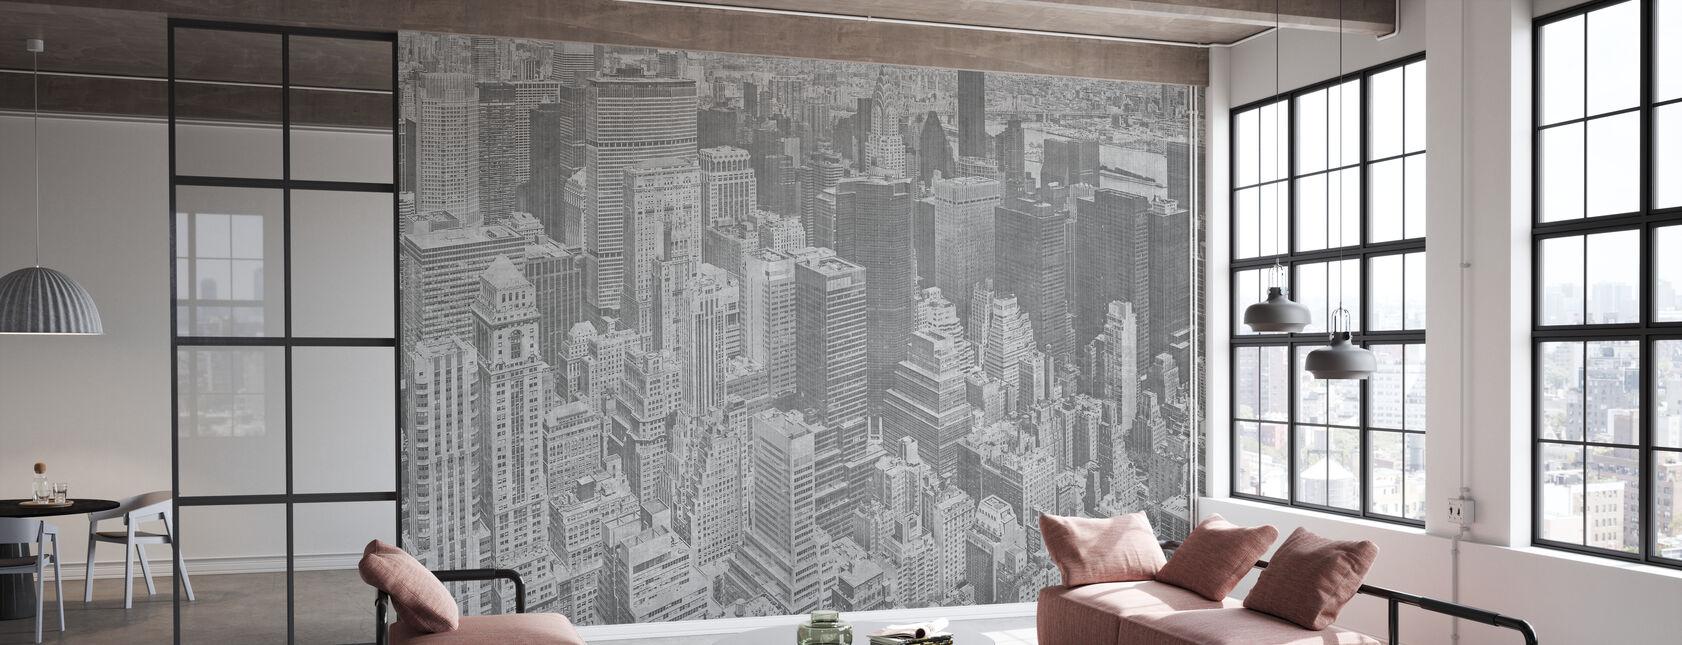 Manhattan View - Ash - Wallpaper - Office